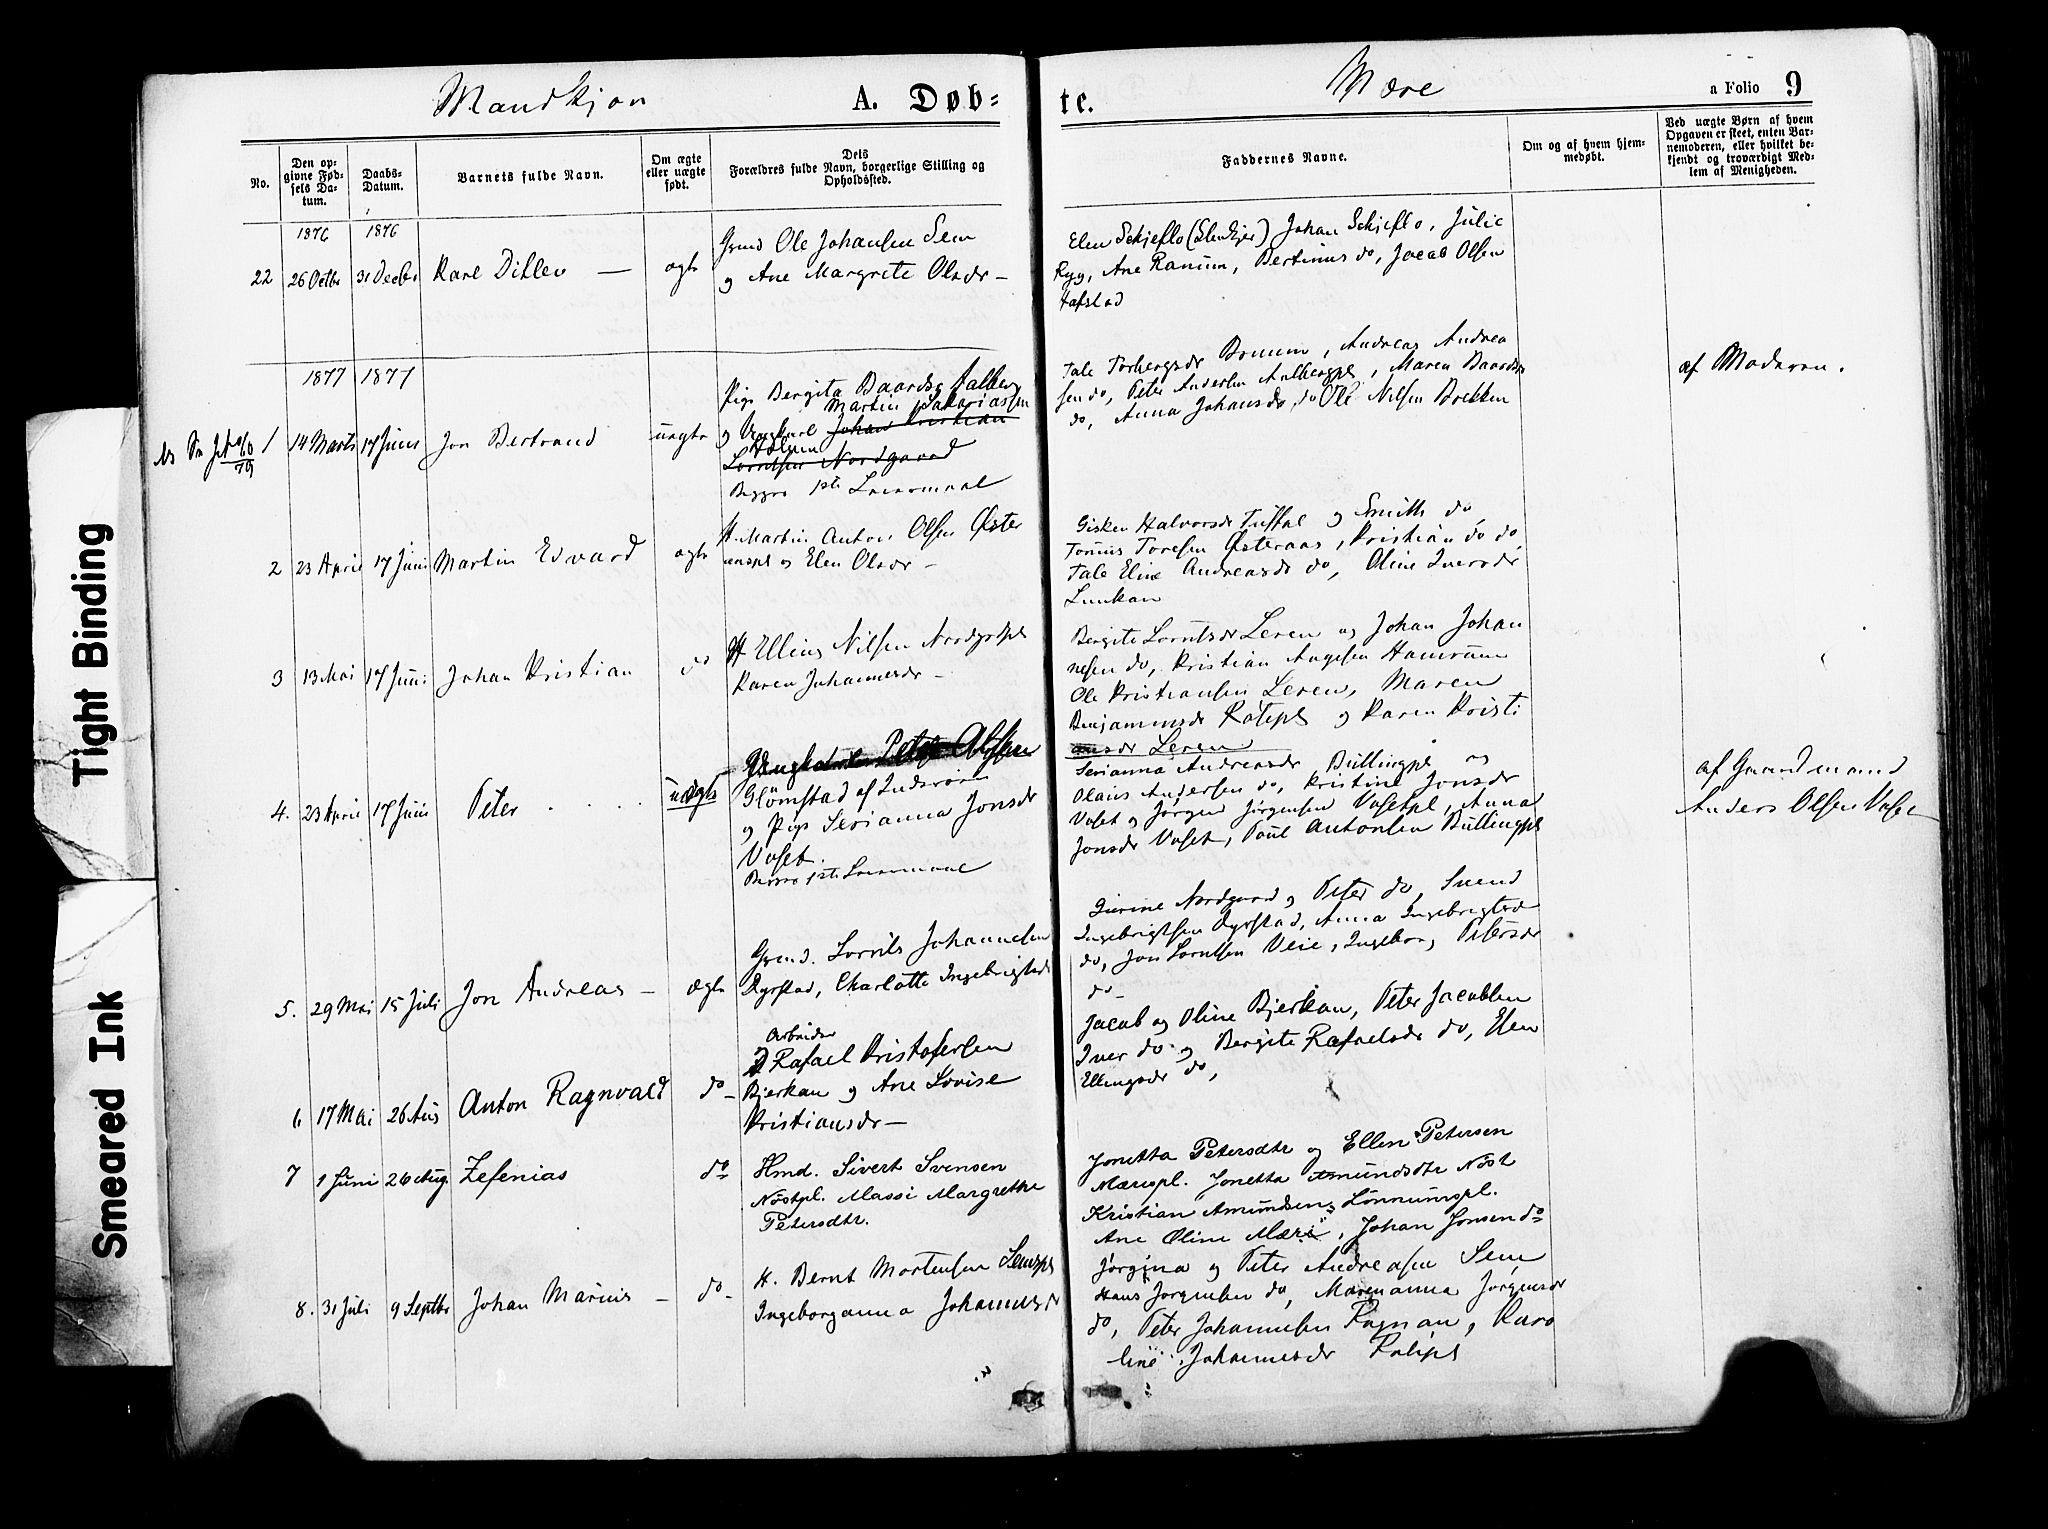 SAT, Ministerialprotokoller, klokkerbøker og fødselsregistre - Nord-Trøndelag, 735/L0348: Ministerialbok nr. 735A09 /1, 1873-1883, s. 9